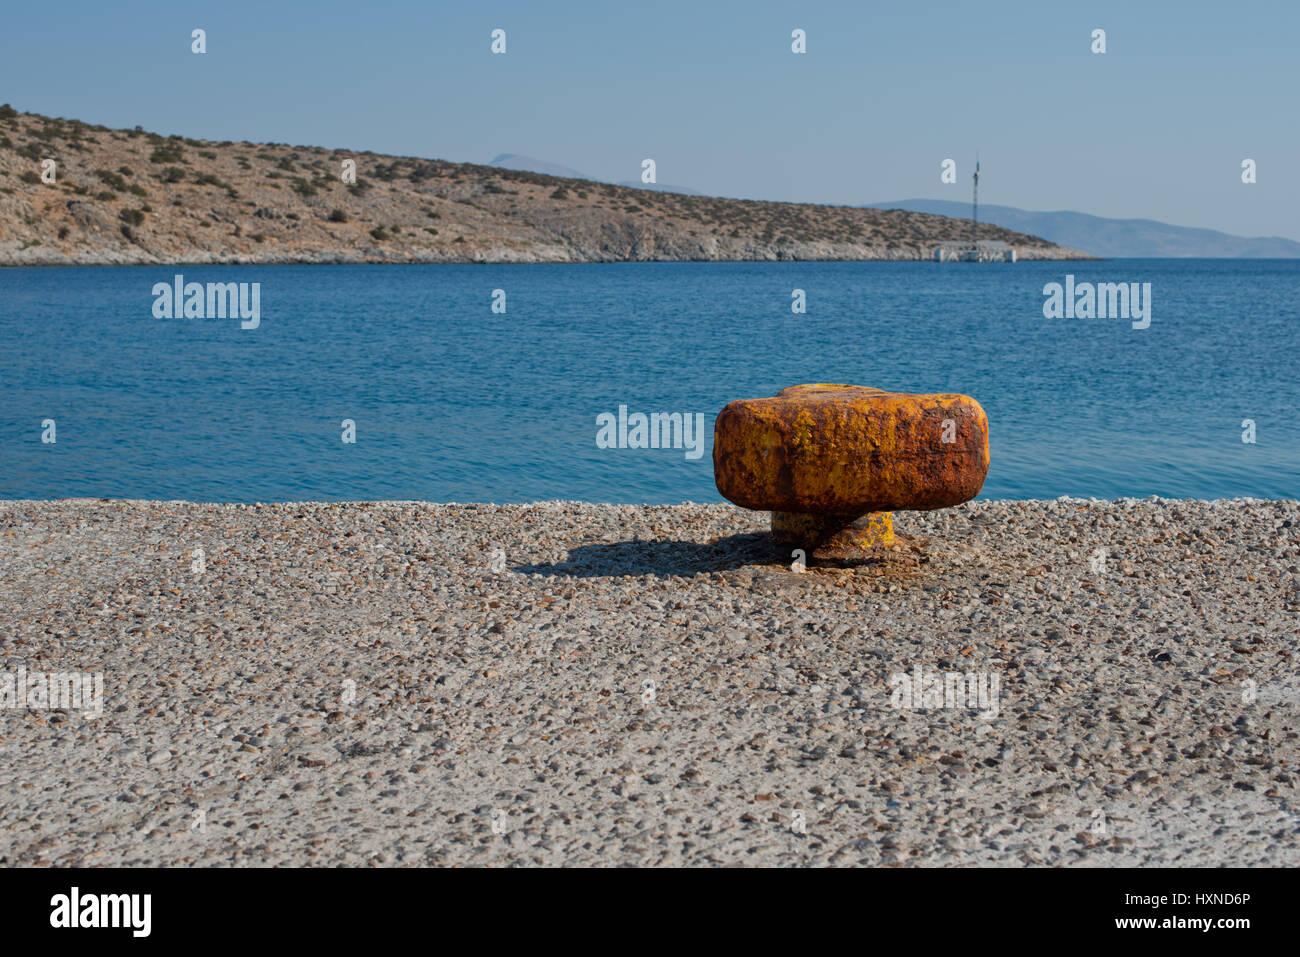 rostiger Poller am Hafen der Insel Iraklia, kleine Kykladen, Griechenland - Stock Image